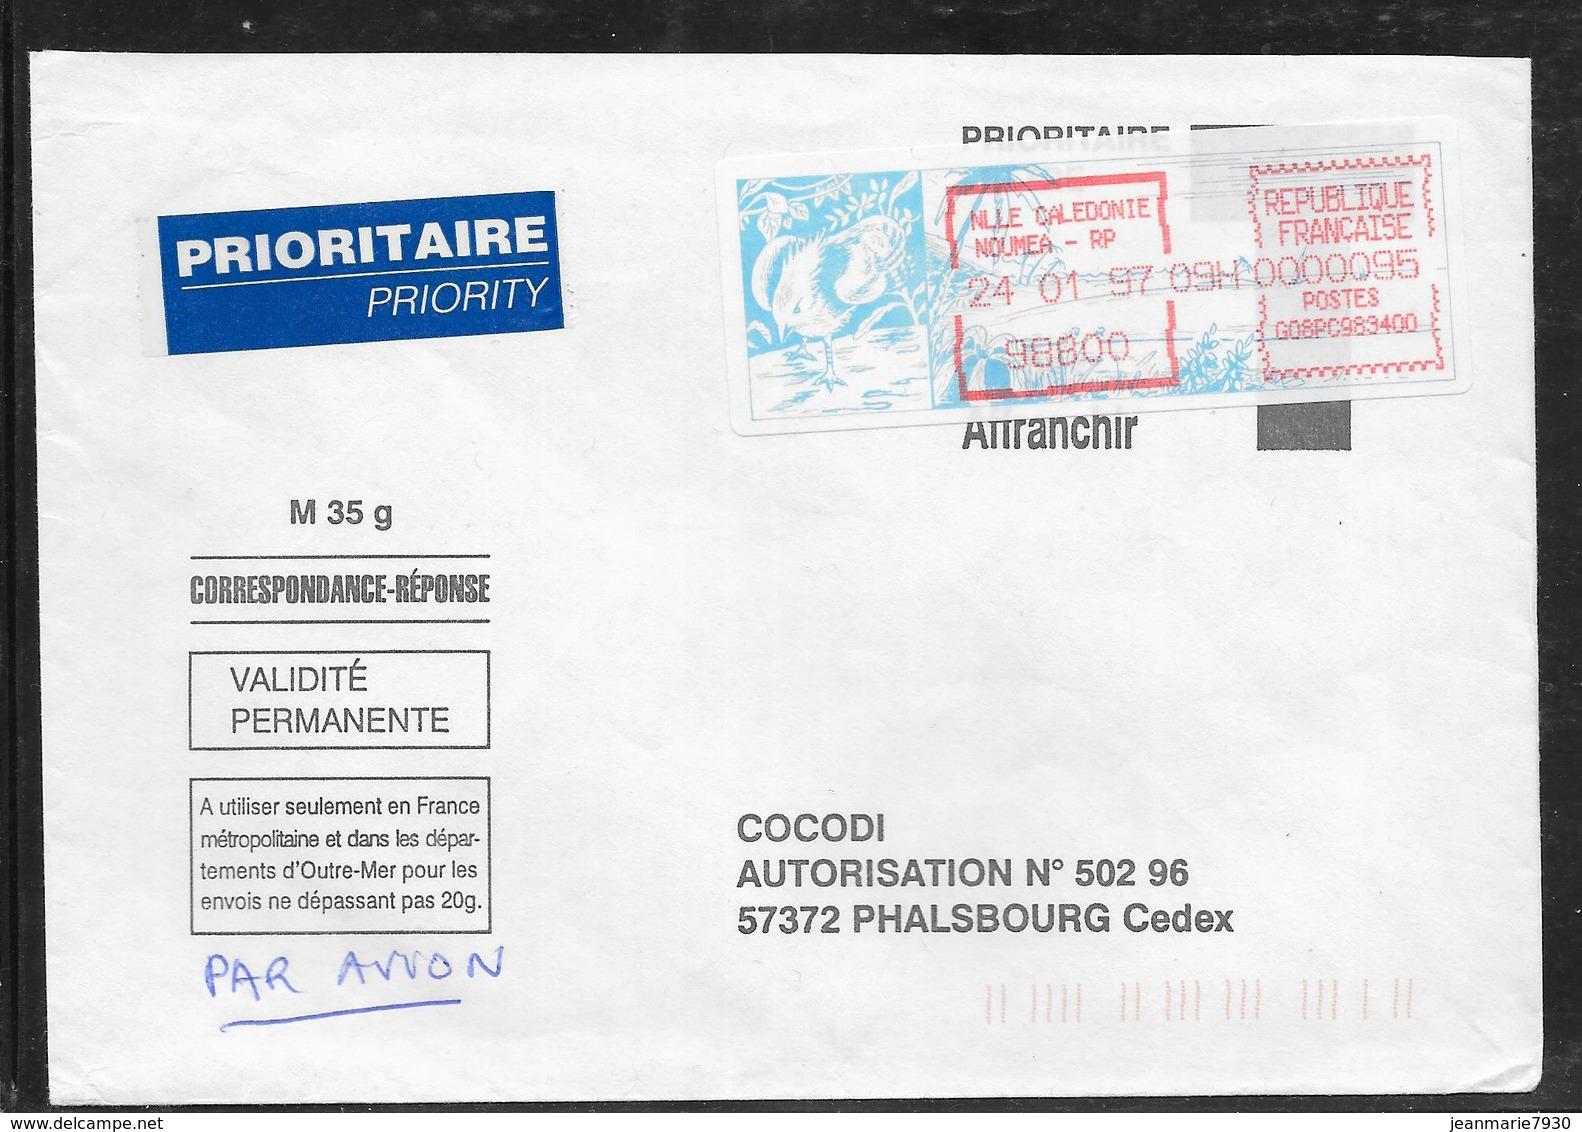 1712003 - LETTRE DE NOUMEA RP (NOUVELLE CALEDONIE) DU 24/01/97 POUR PHALSBOURG - Poststempel (Briefe)